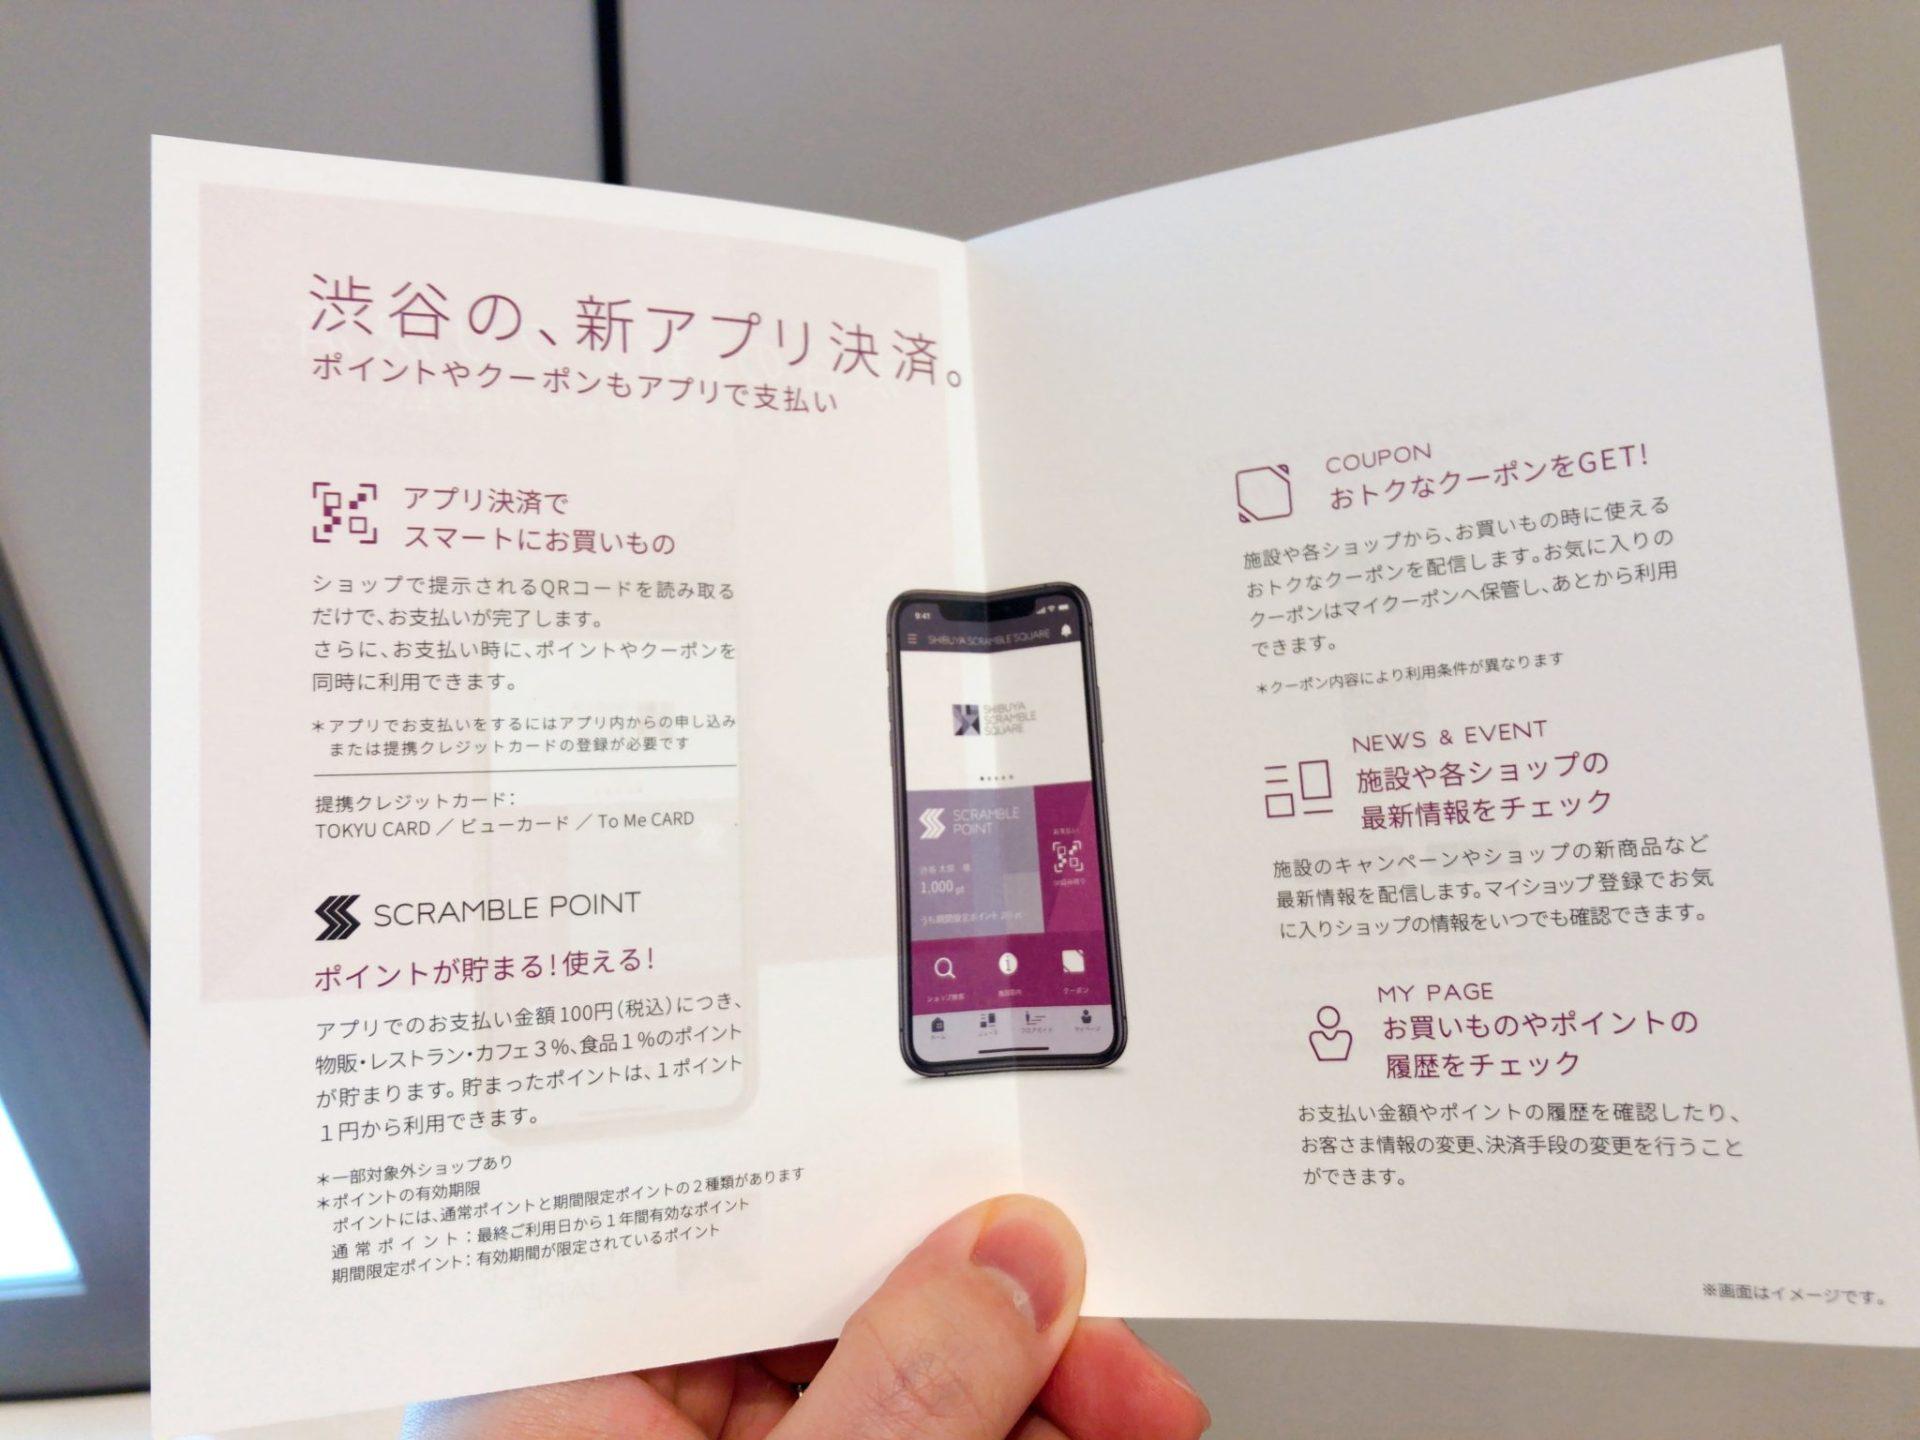 渋谷スクランブルスクエアアプリで決済するとお得